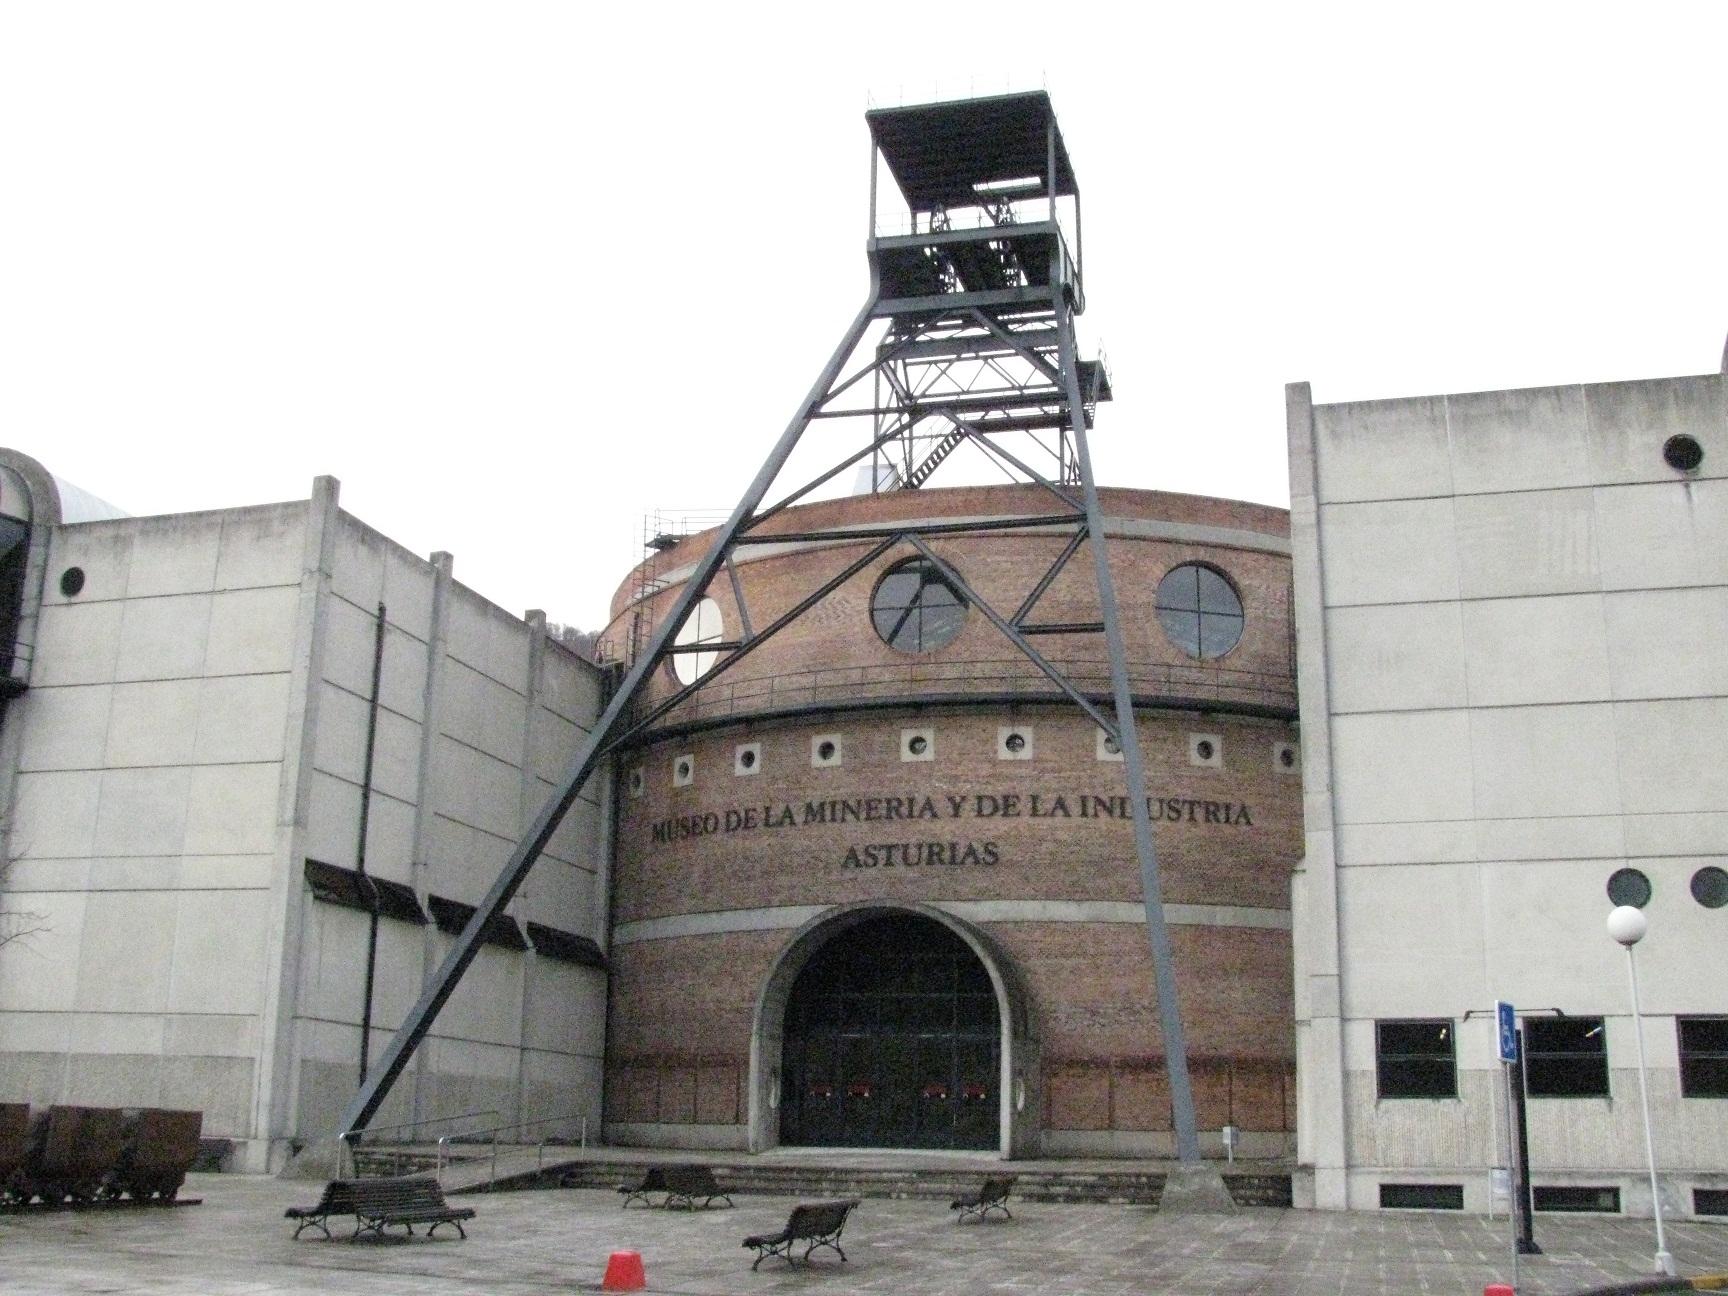 Museo de la Minería y de la Industria, Asturias